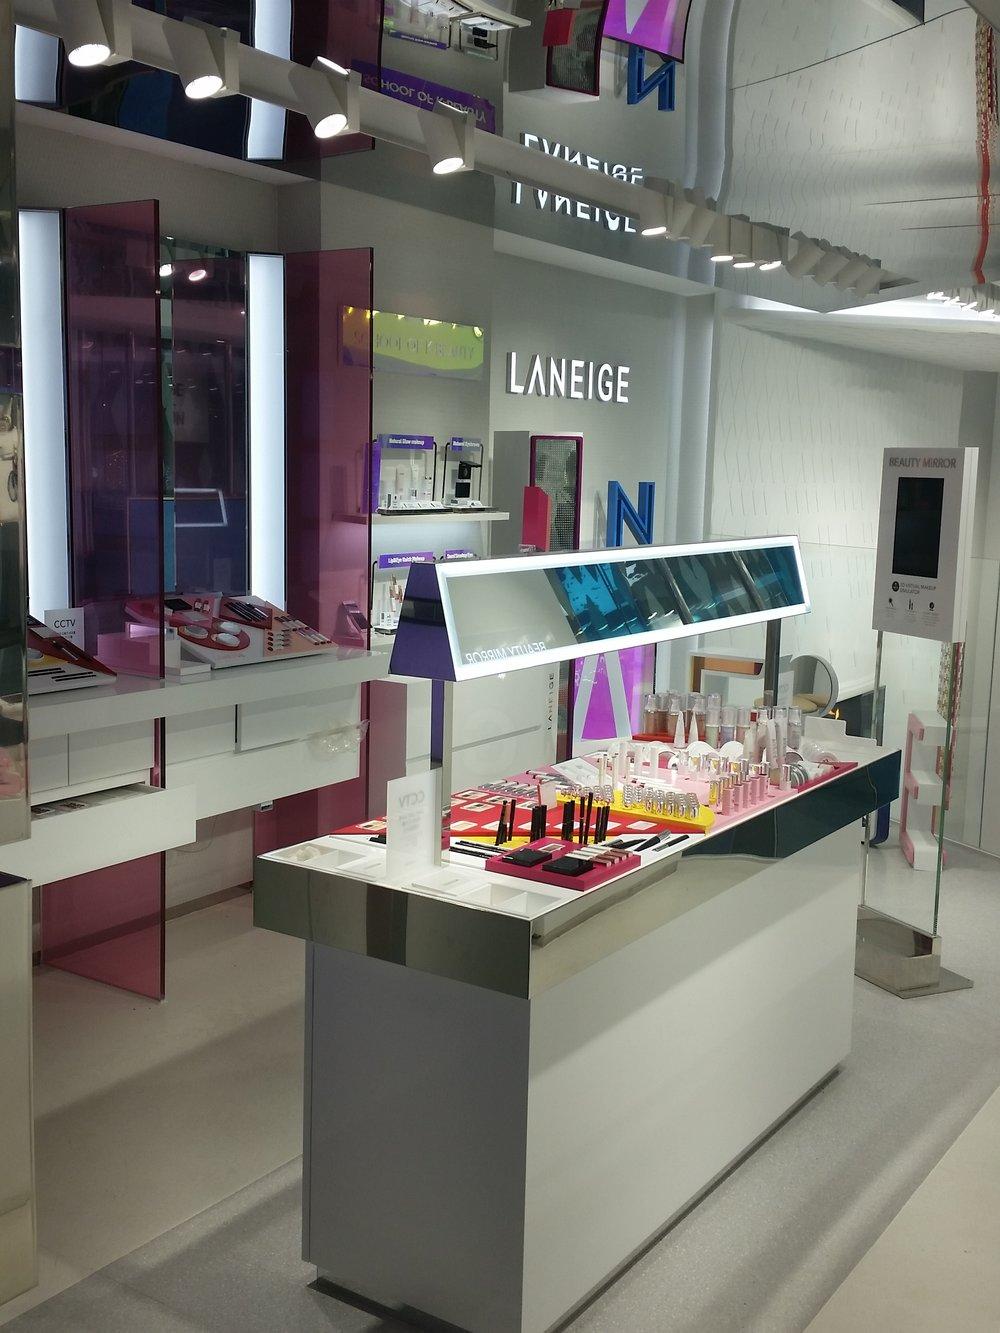 Laneige Botique: 2F Laneige Flagship, Myeongdong